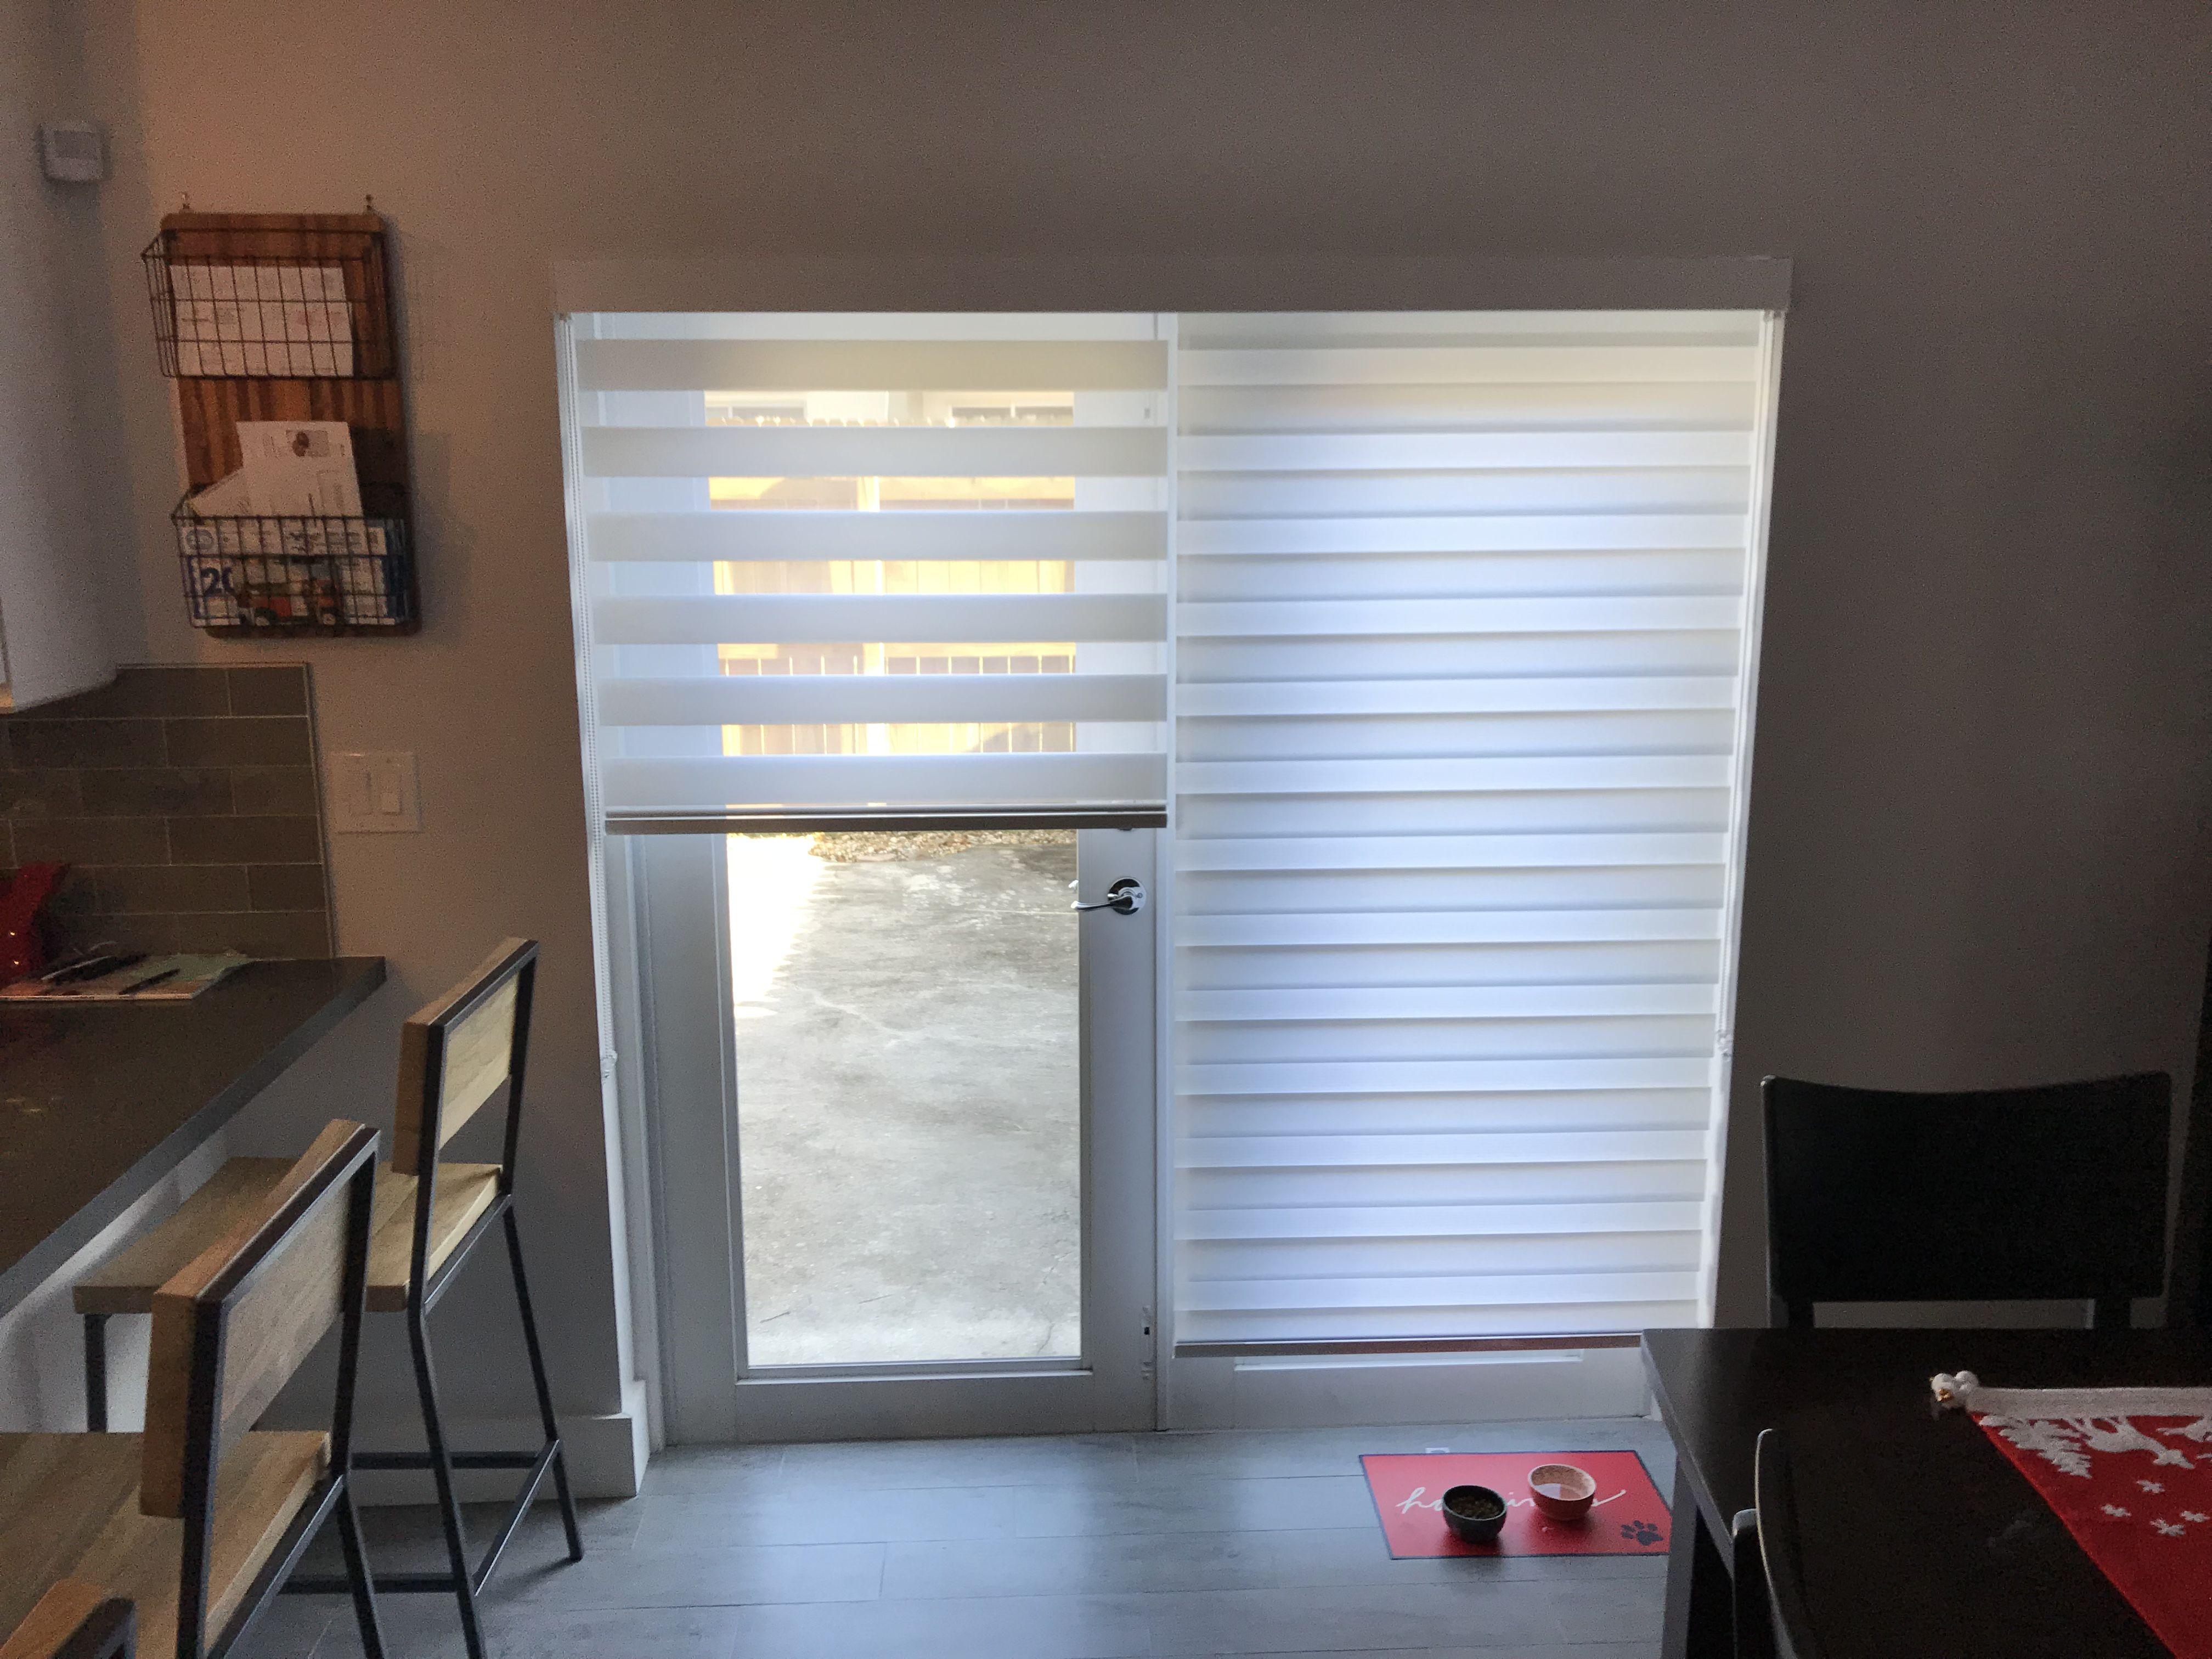 2in1 Zebra Illusion Privacy Shade By Elite Decor Miami Blinds